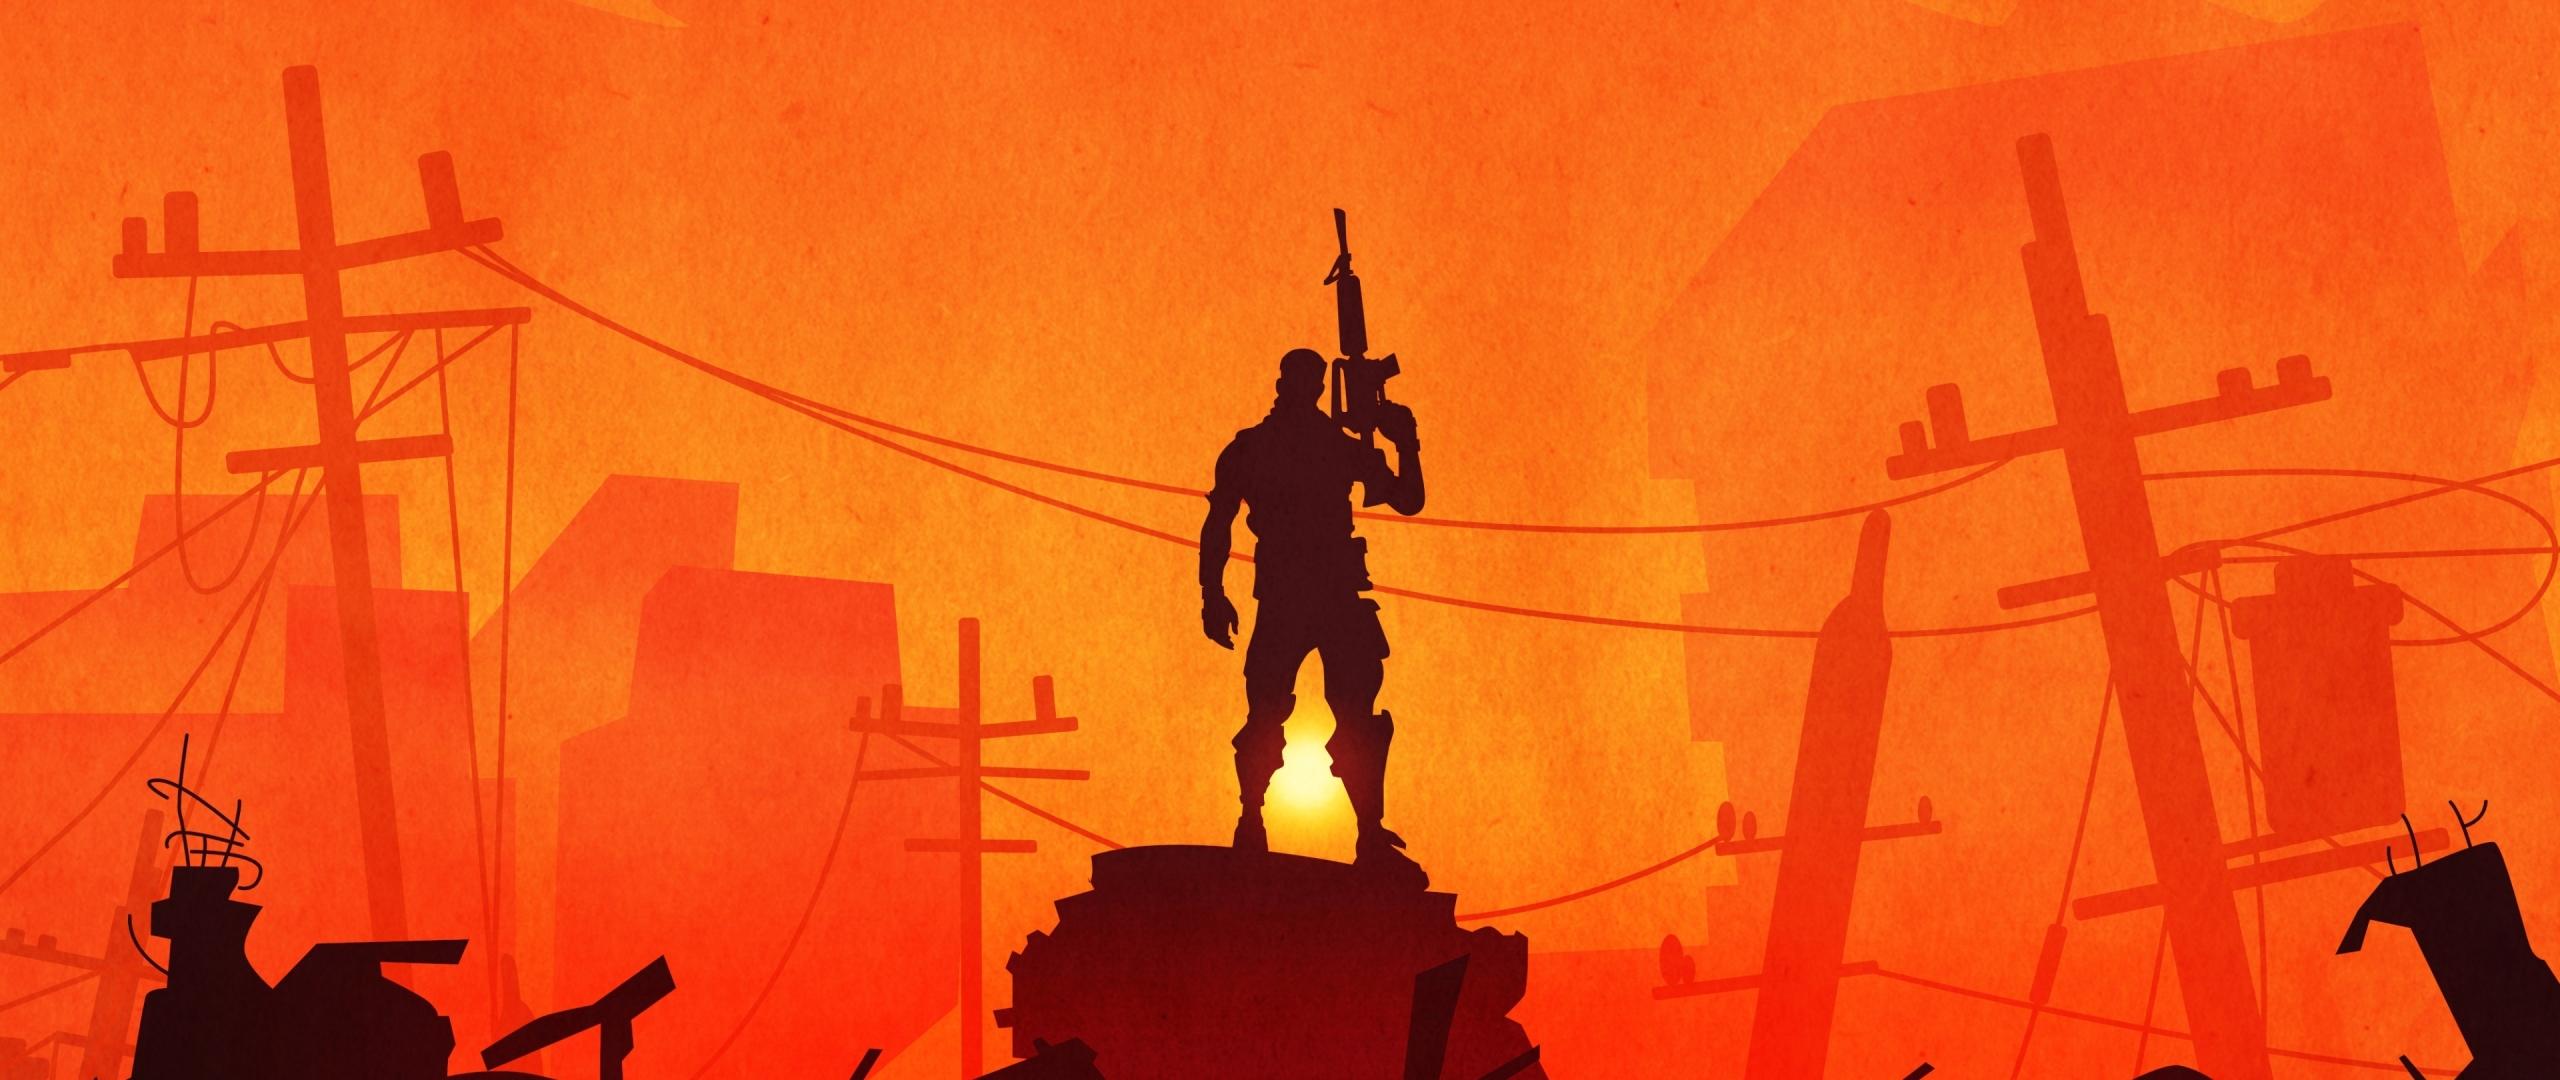 Fortnite Warrior Silhouette In Sunset  Hd 4k Wallpaper